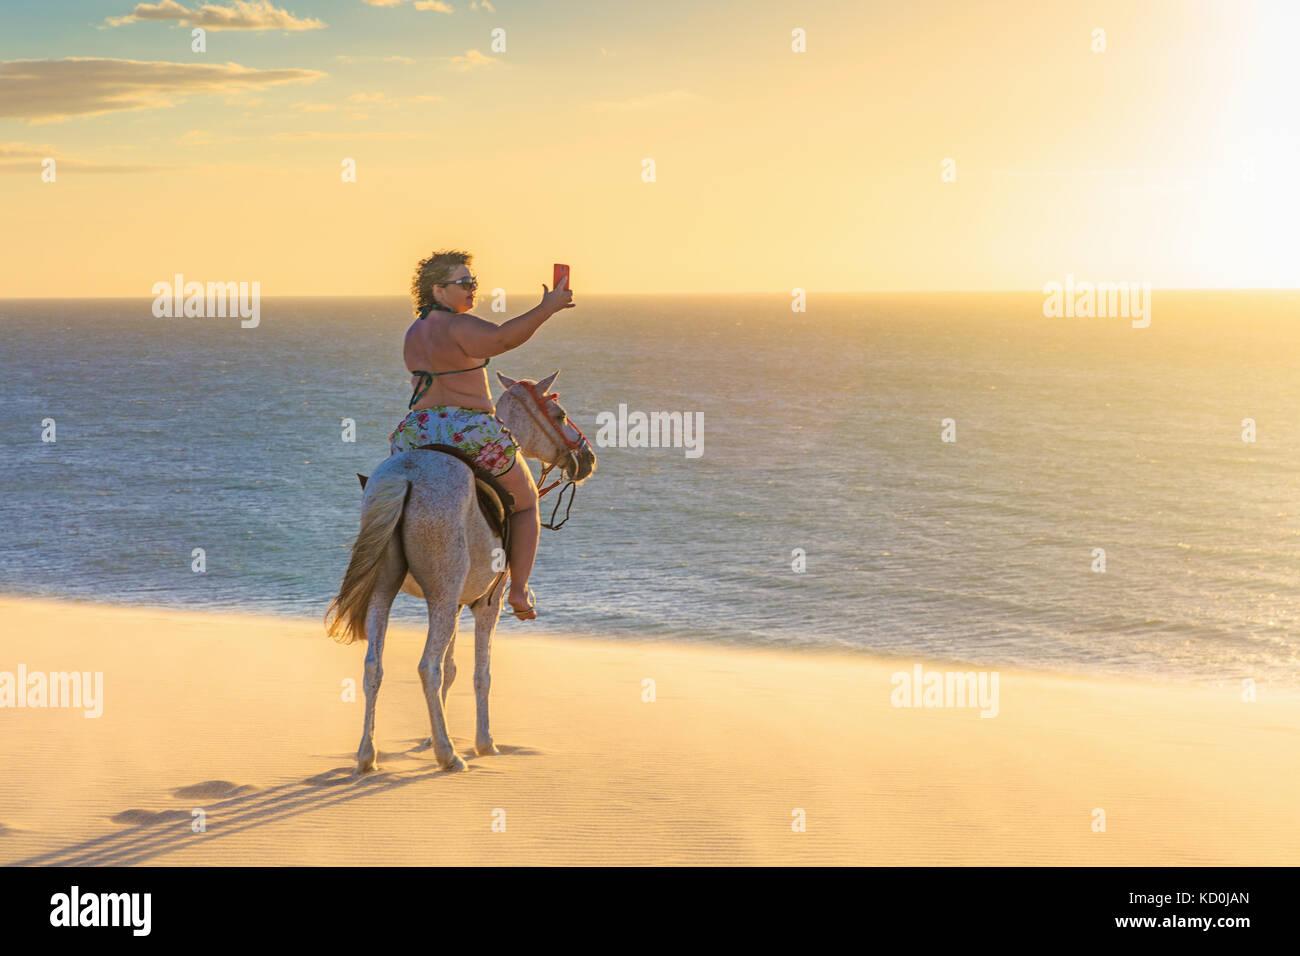 Frau Reiten Reiten am Strand, unter der Sie Ihr Smartphone, Jericoacoara, Ceara, Brasilien, Südamerika Stockbild